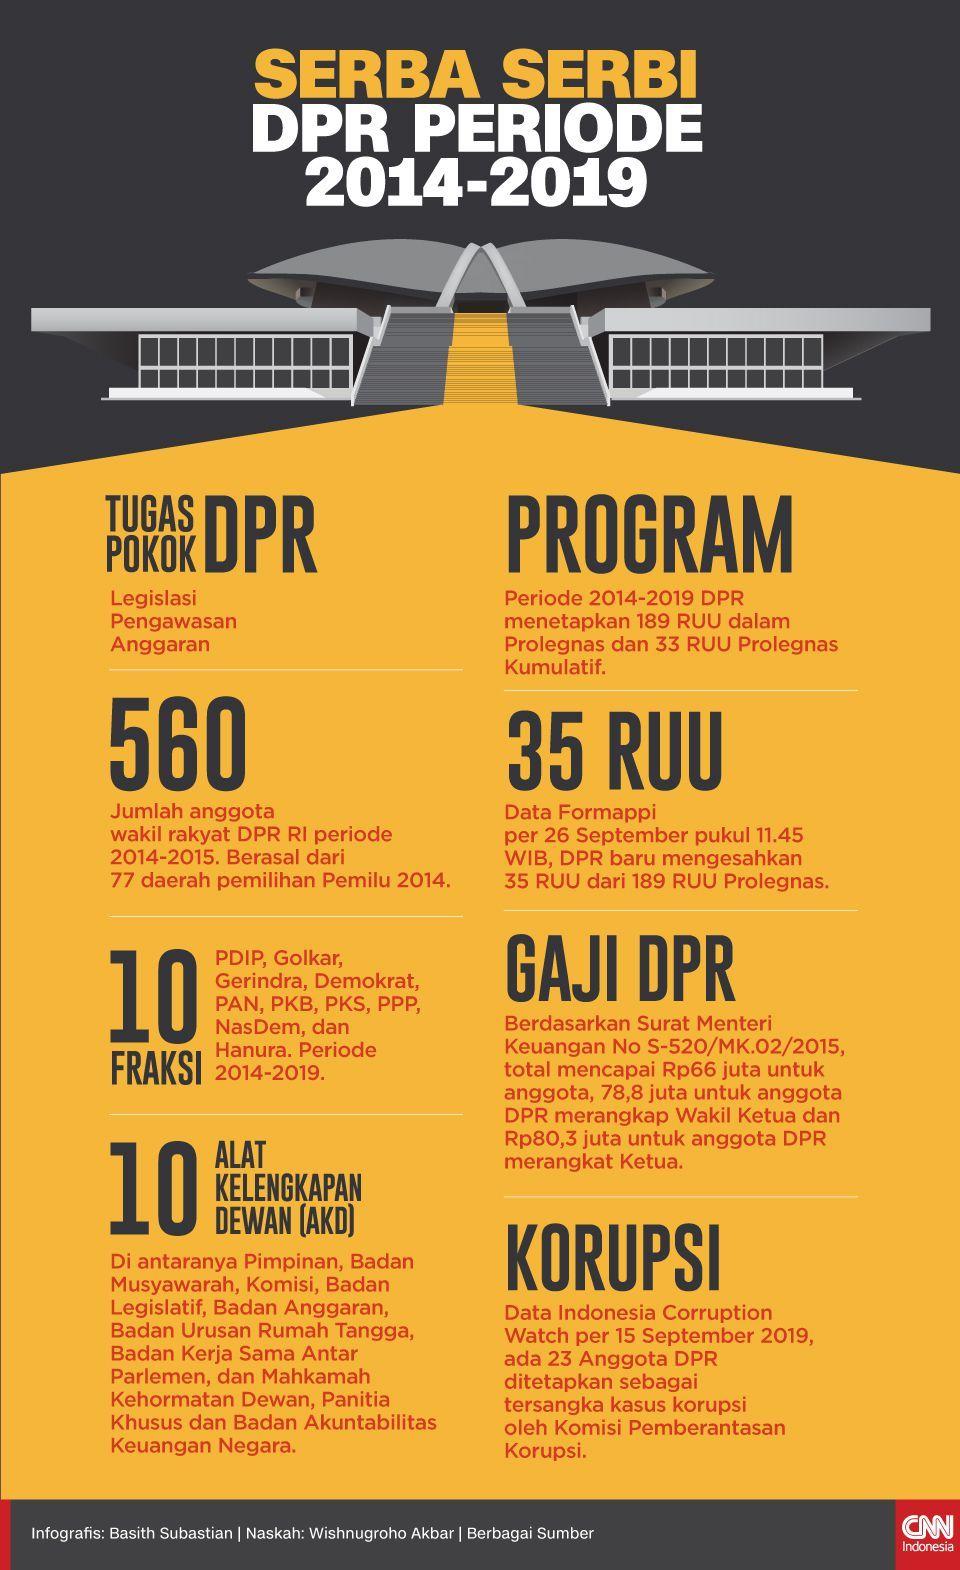 Infografis Serba Serbi DPR Periode 2014-2019